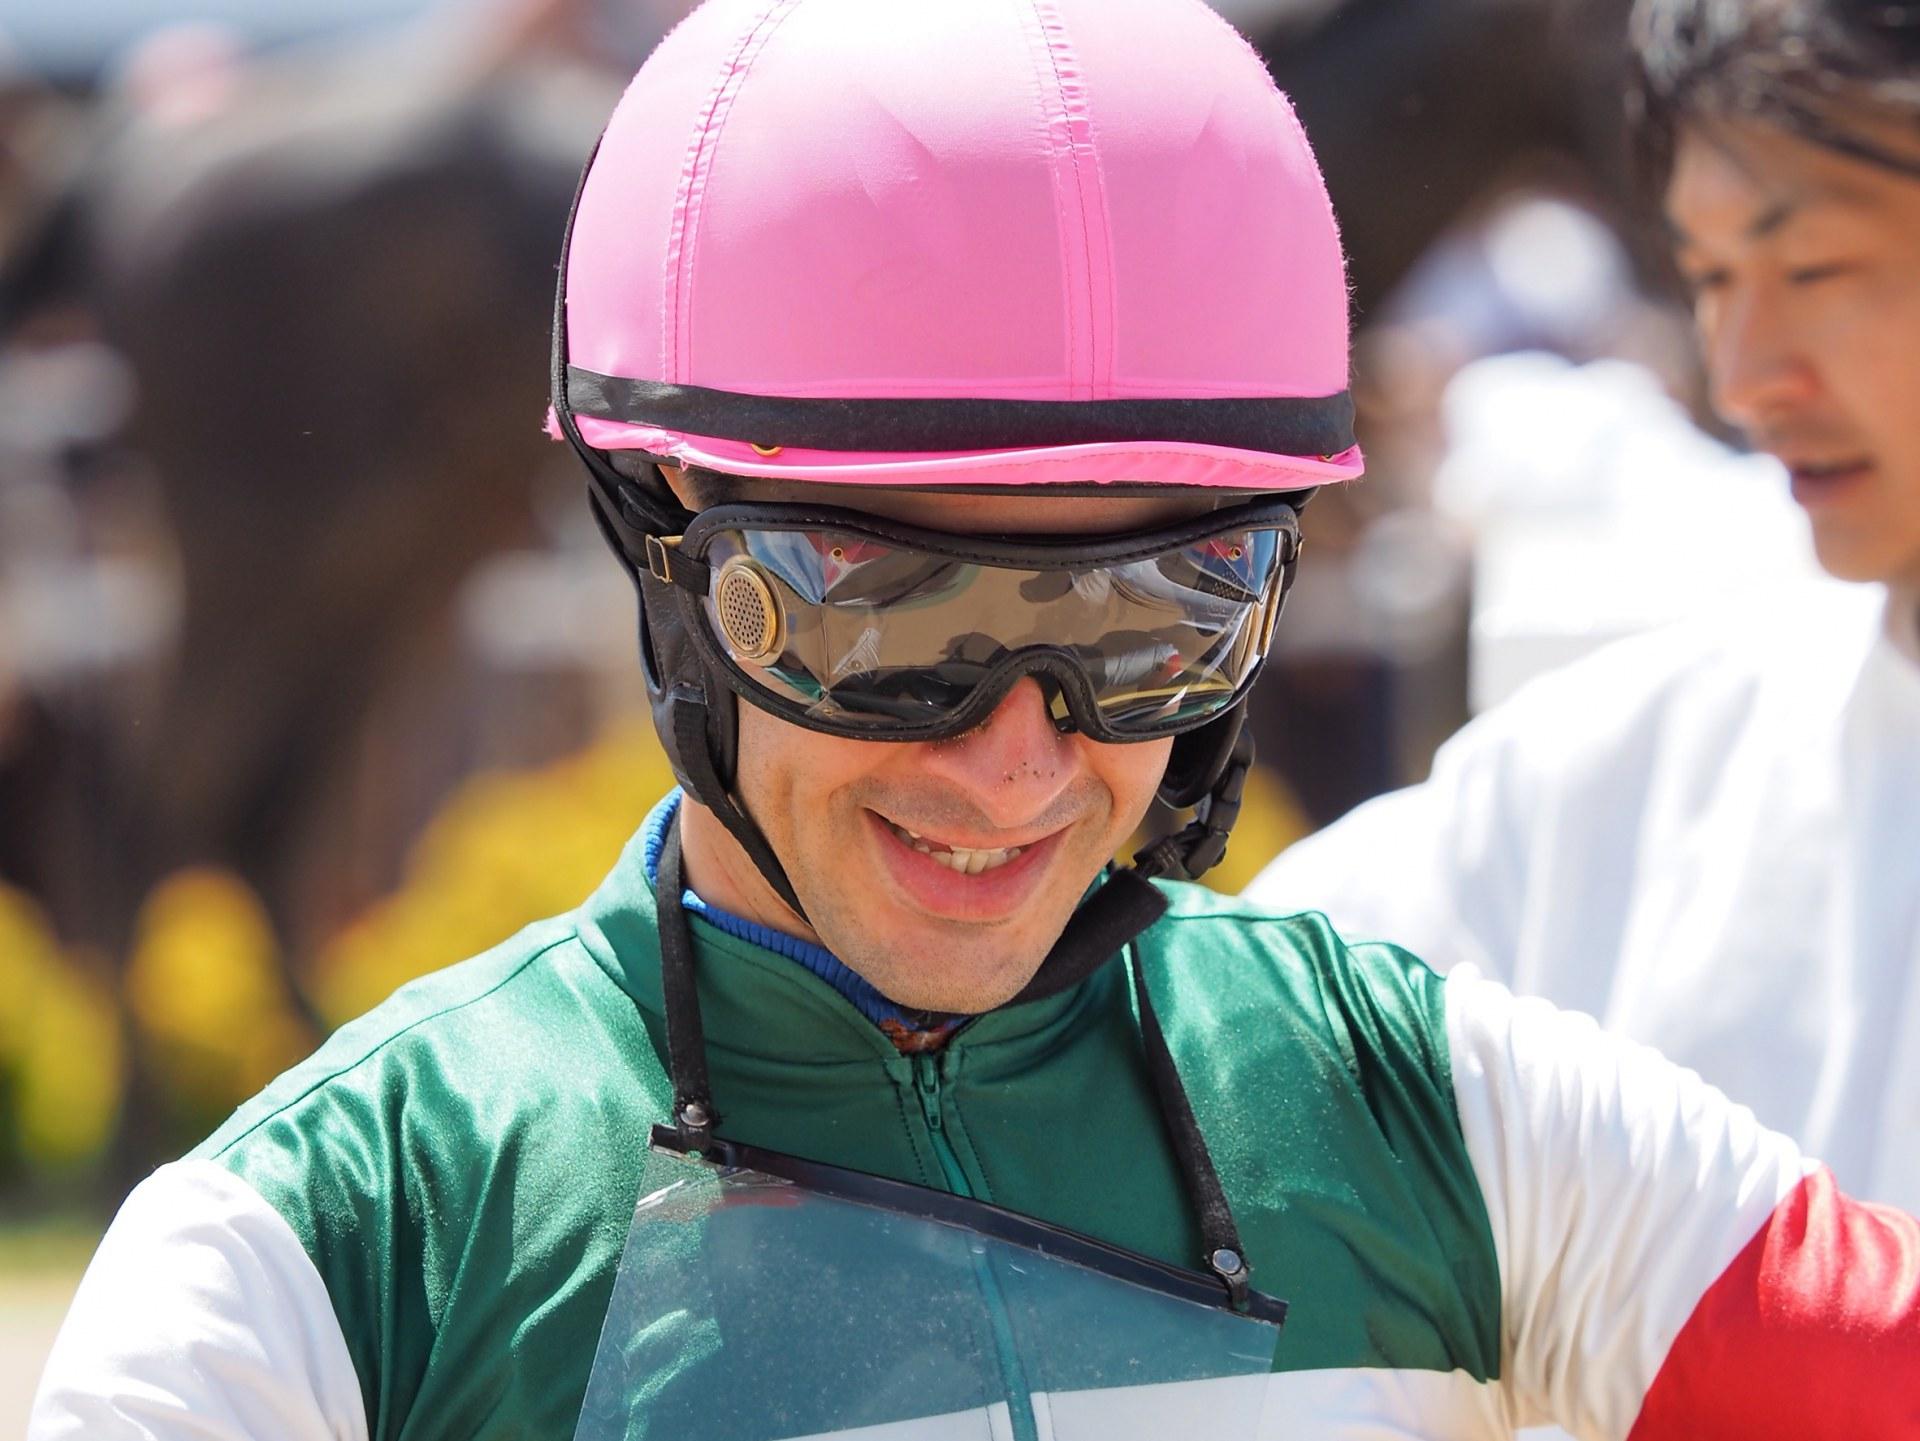 【中山4R/2歳新馬】ルメール「ゴトゴトしていた」ガルヴィハーラ圧巻のデビュー戦